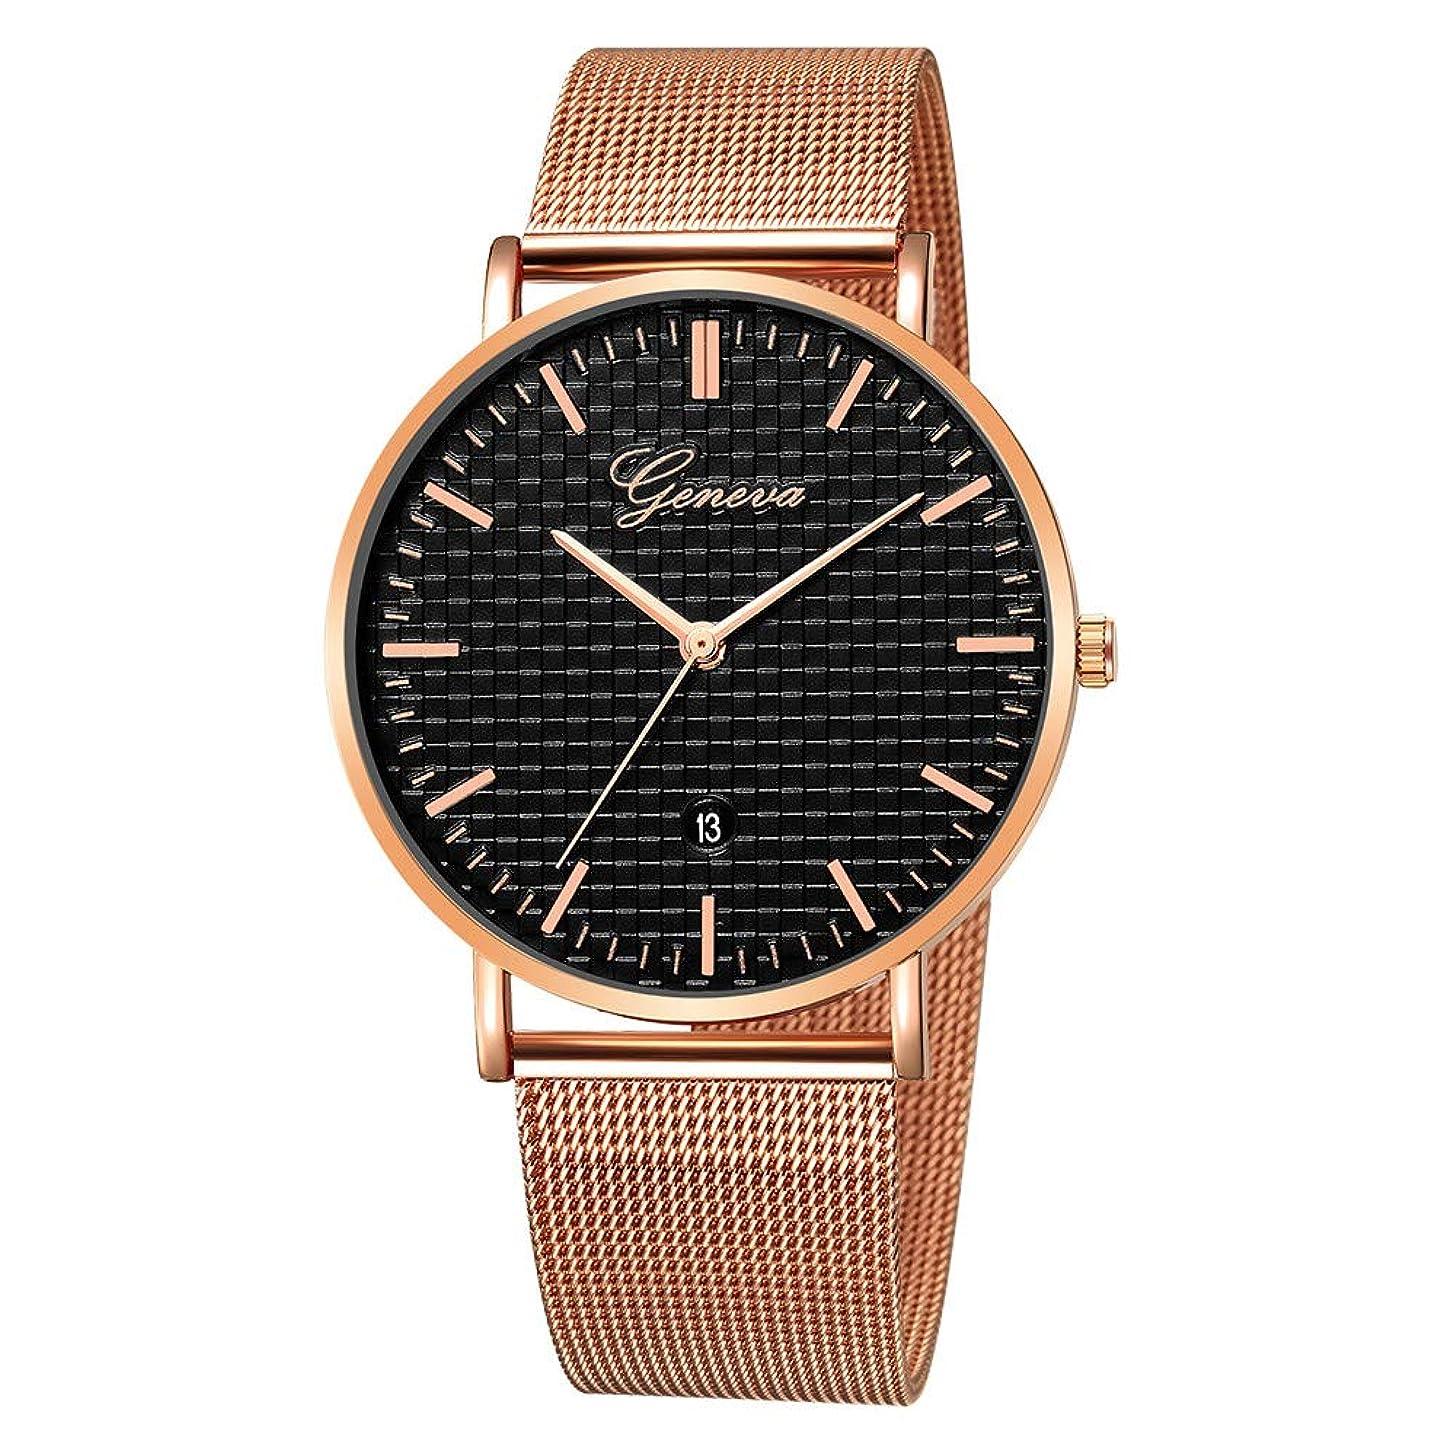 2019 Summer Deals ! Luxury Fashion Stainless Steel Mens Glass Quartz Analog Watches with Calendar Wrist Watch for Men Under 10